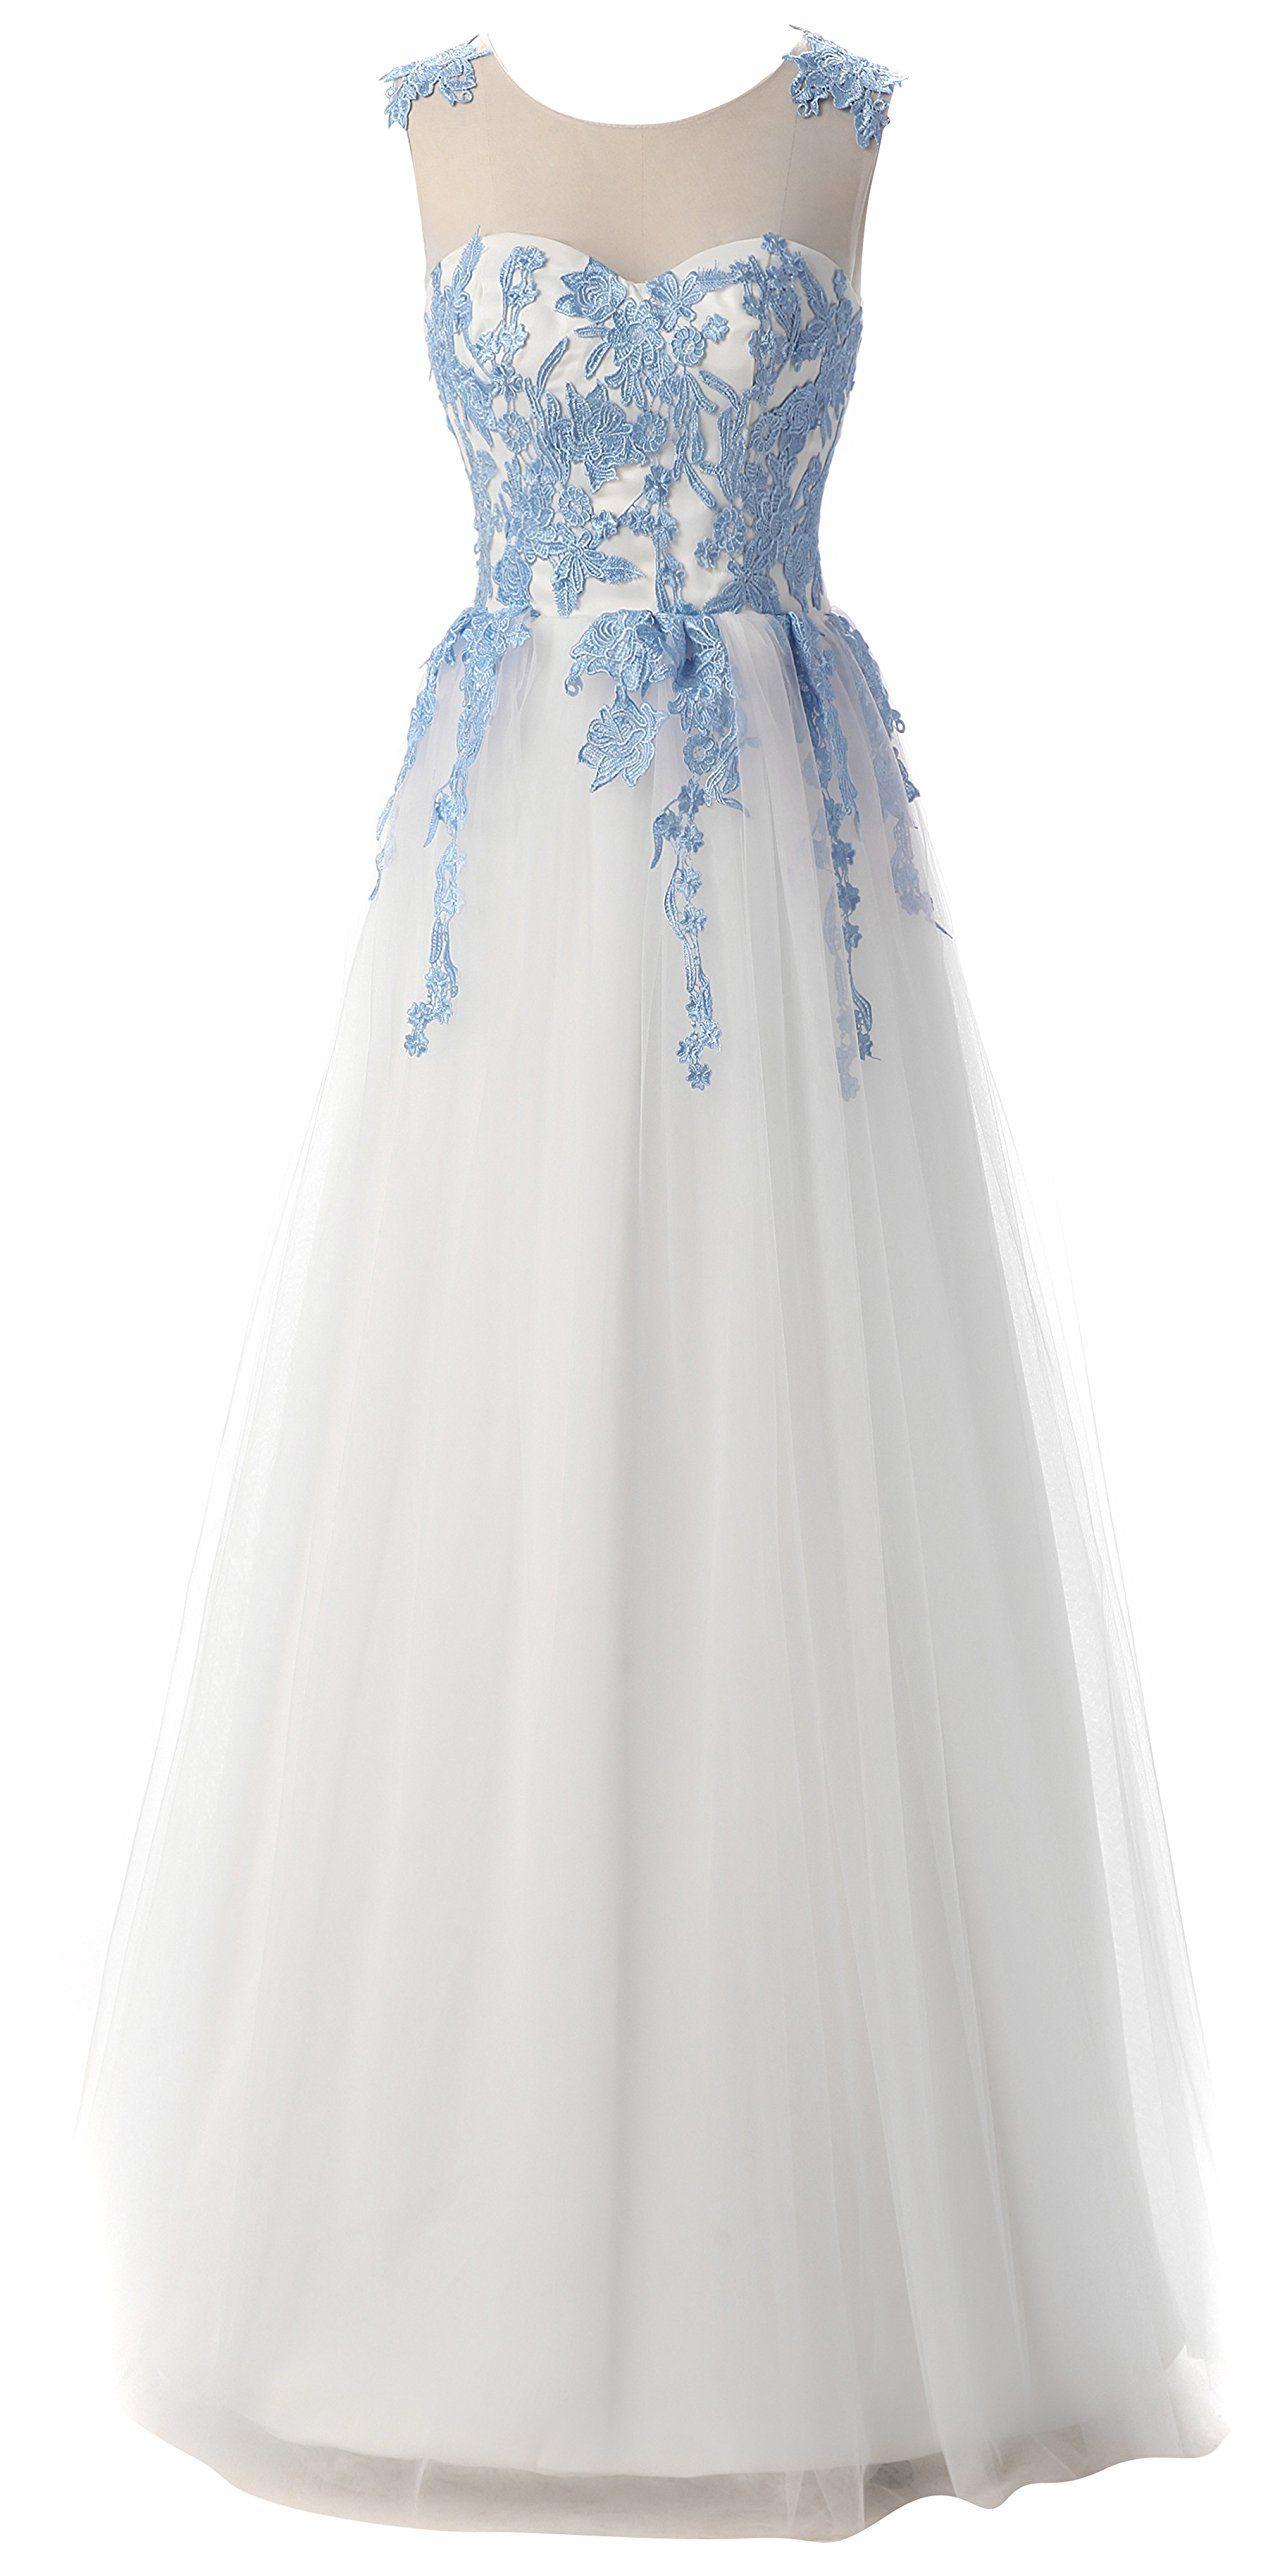 Changjie womenus plus size long formal evening gown maxi homecoming